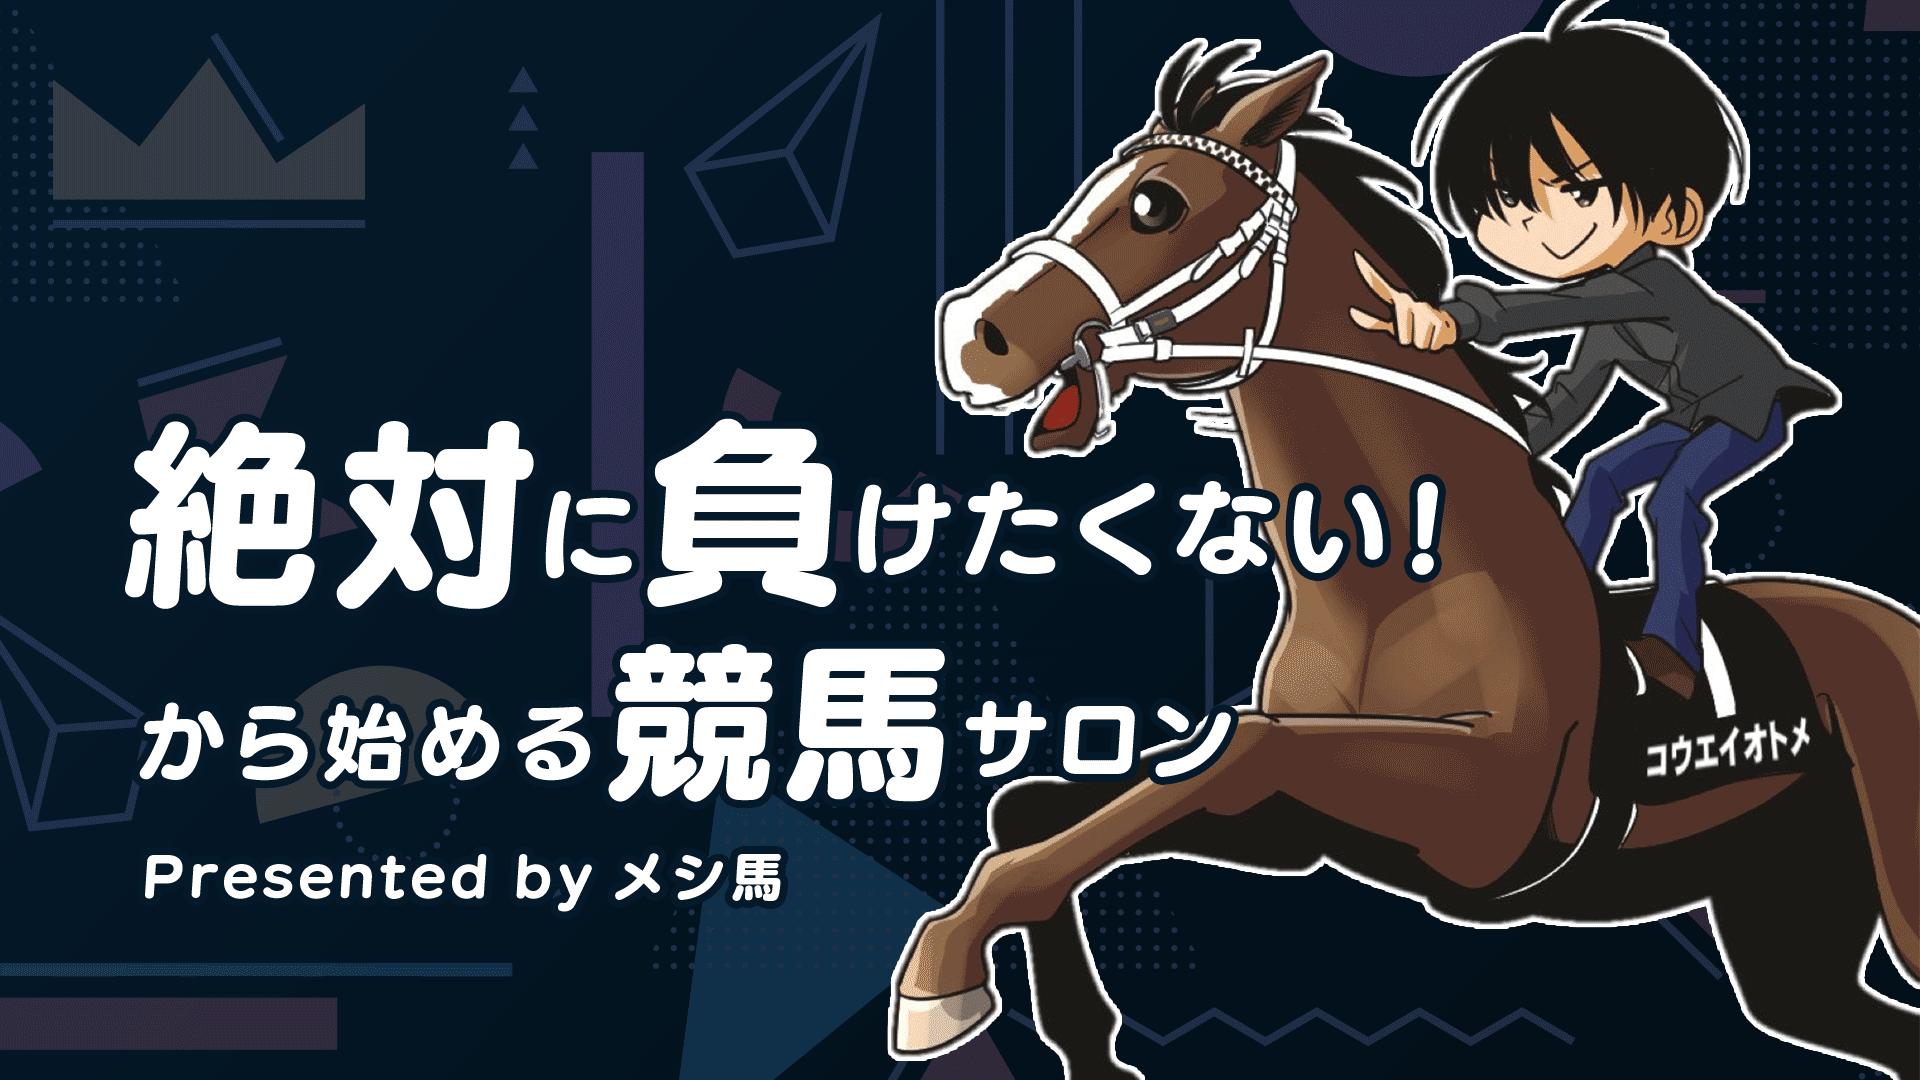 メシ馬 - 「絶対に負けたくない!」から始める競馬サロン - DMM オンラインサロン